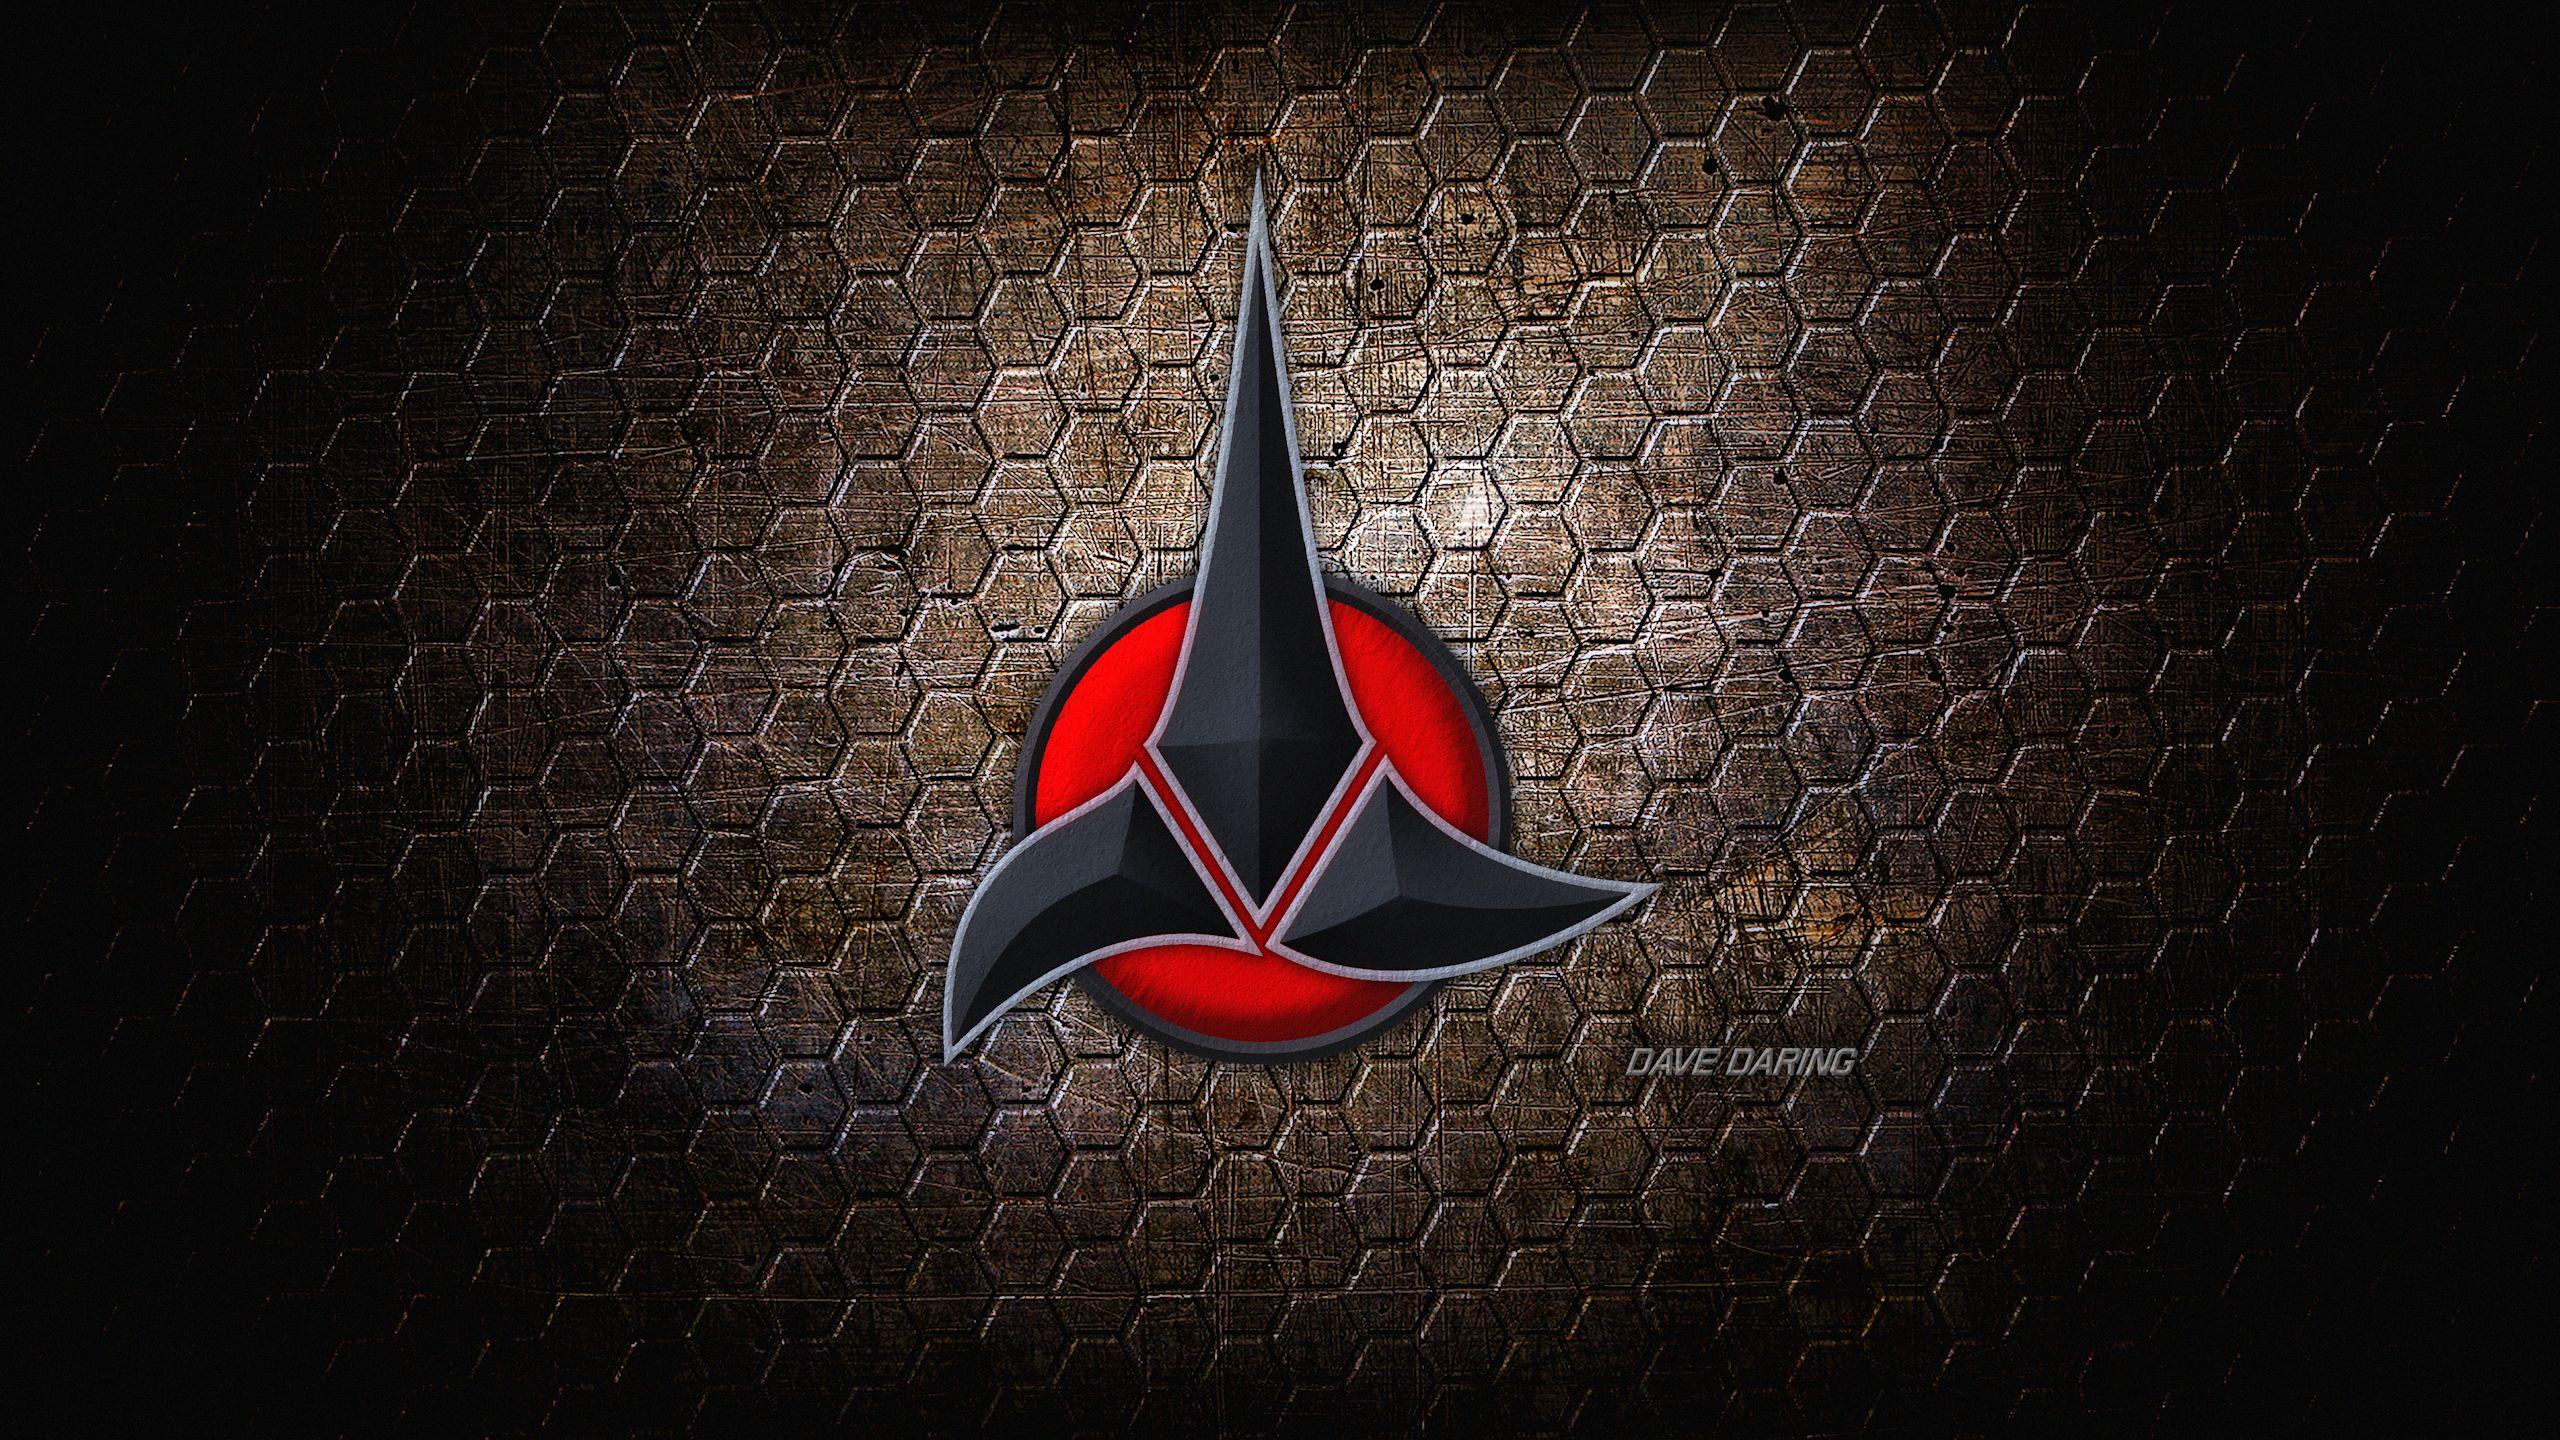 The klingon empire v2 by dave daring on deviantart - Star trek symbol wallpaper ...